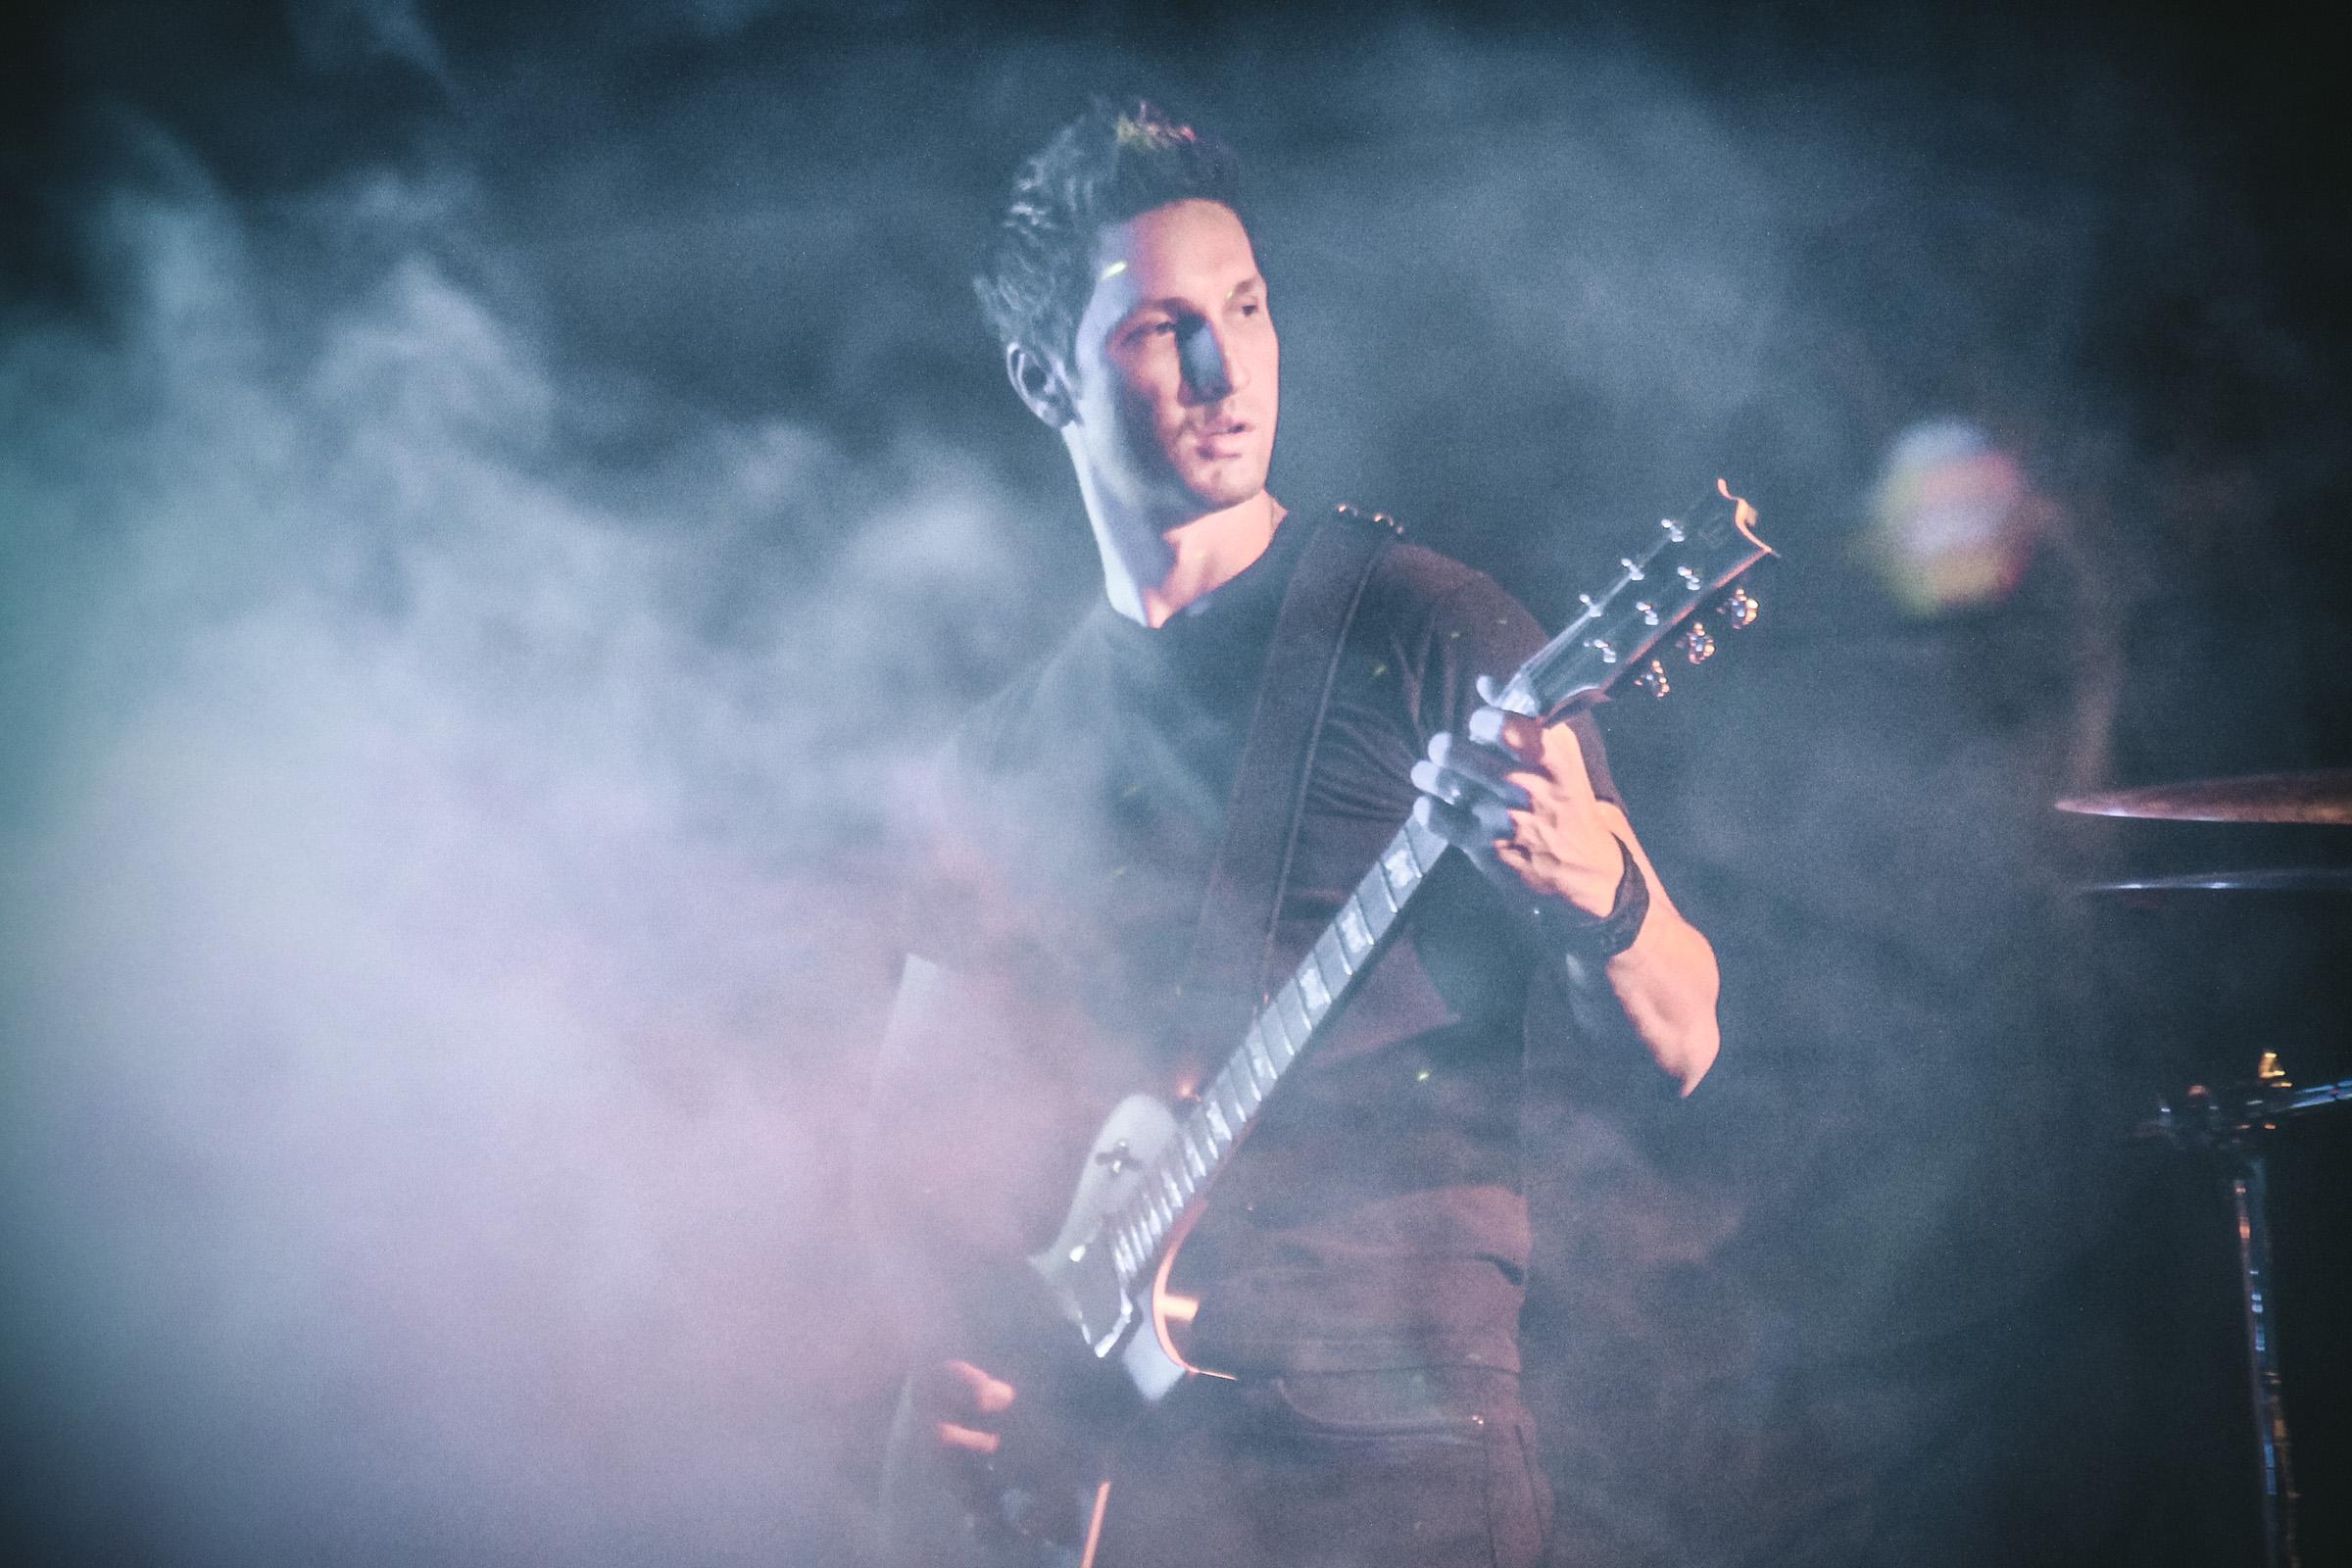 Ignismei Guitarist - Fabio